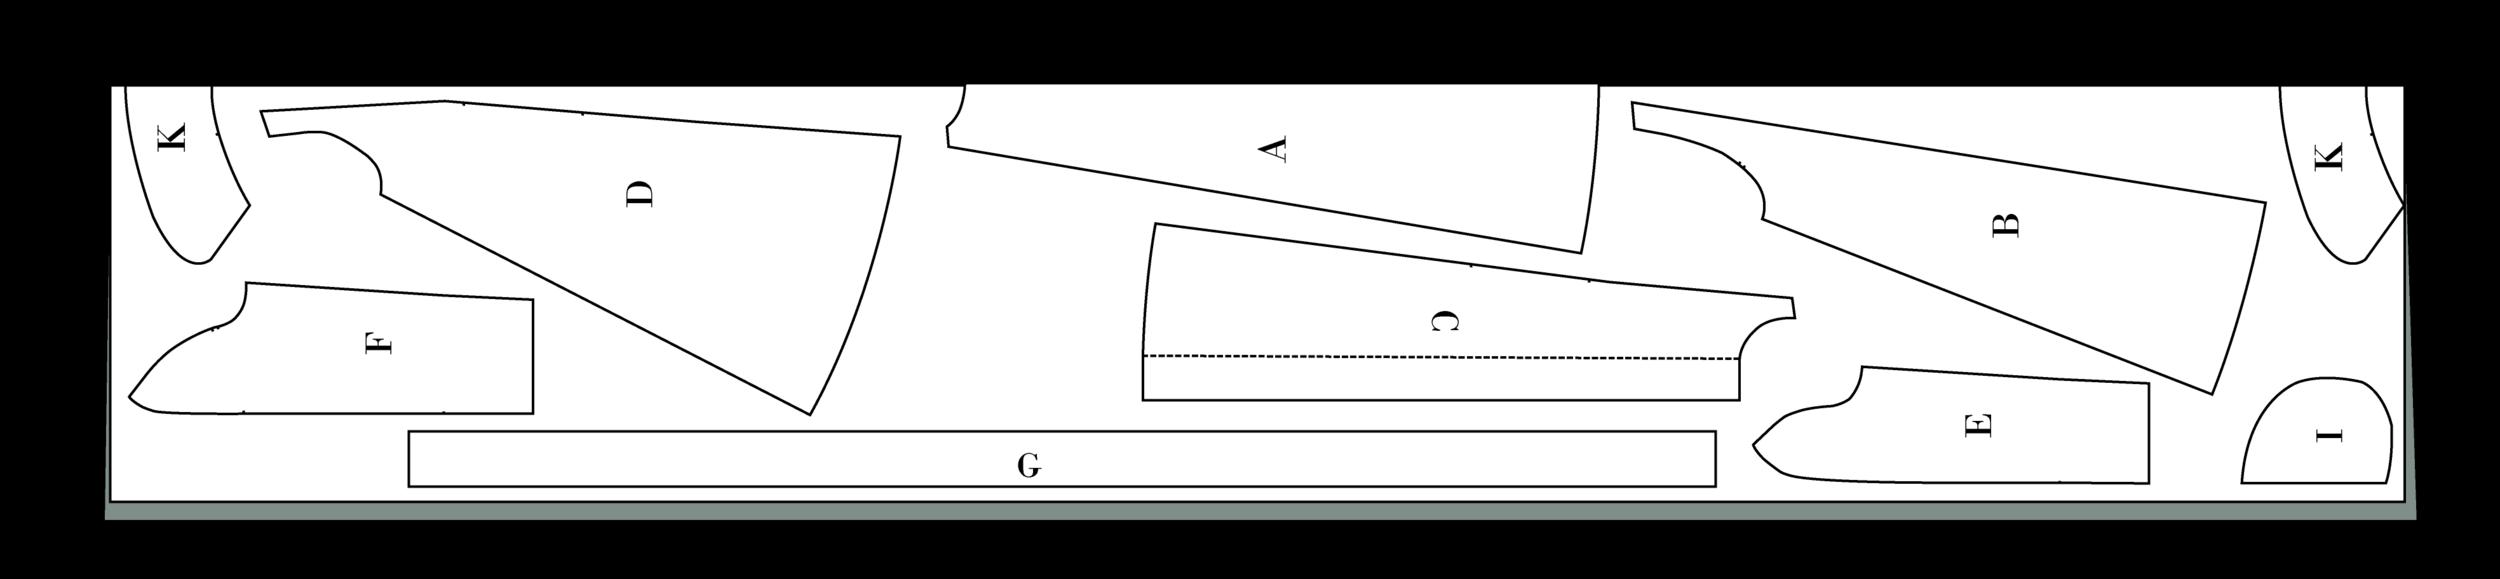 975c3-no4_klippevejledning_v1.png